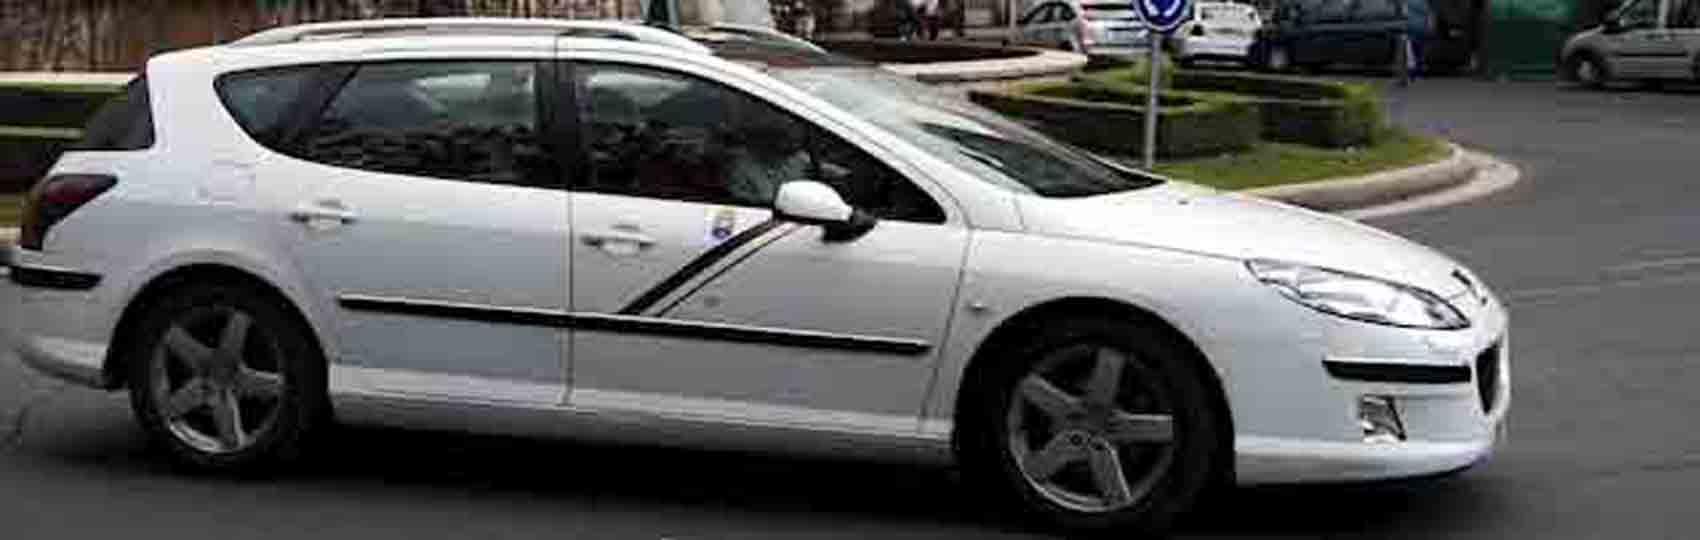 Noticias del sector del taxi y la movilidad en Logroño. Mantente informado de todas las noticias del taxi de Logroño en el grupo de Facebook de Todo Taxi.